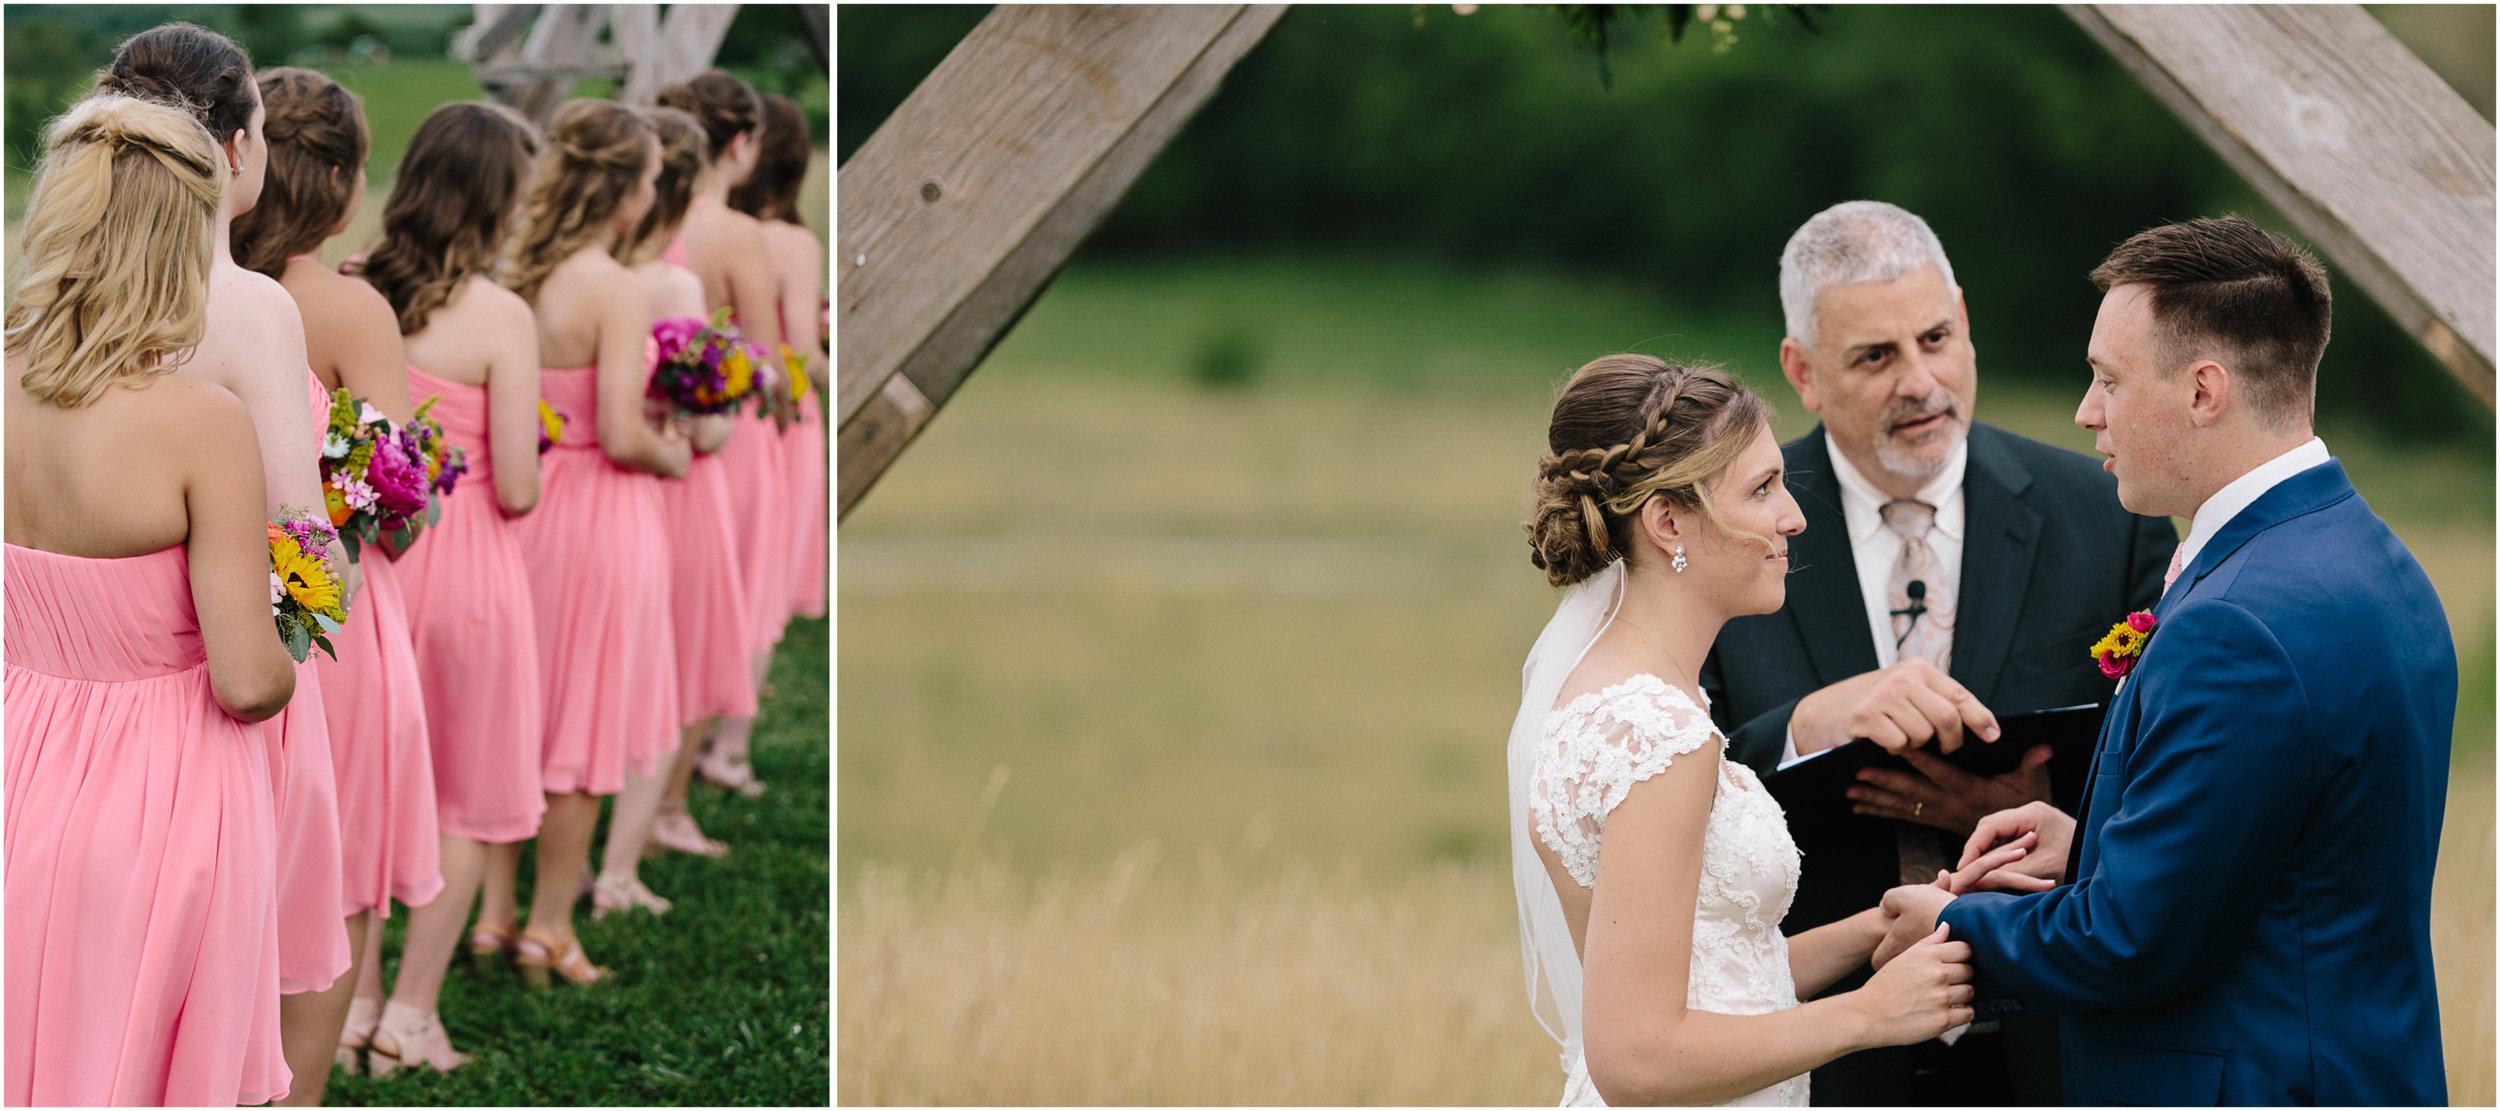 alyssa barletter photography weston missouri bright summer wedding allie and alex cole-42.jpg